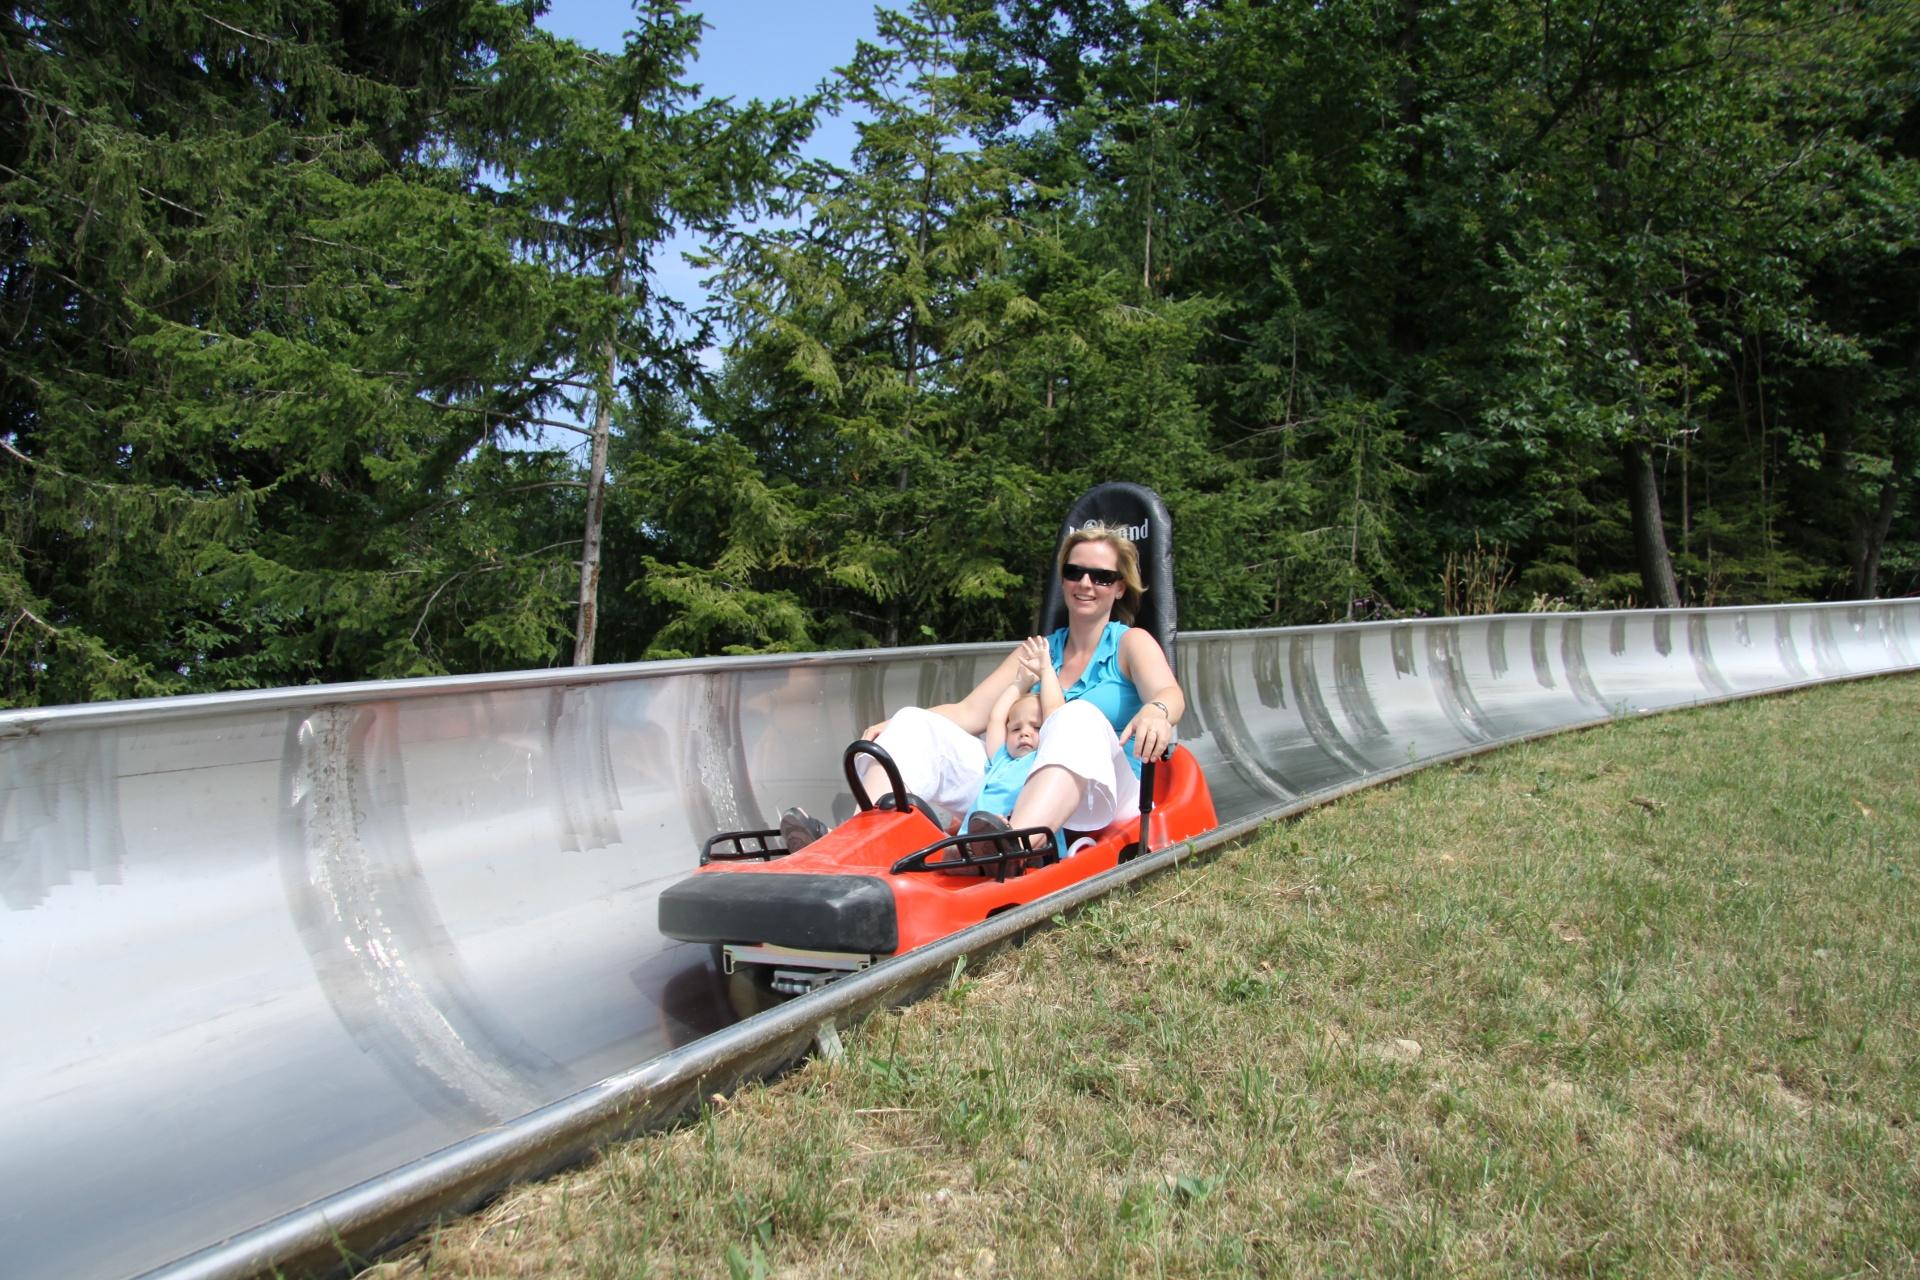 outdoor activities - bob kart